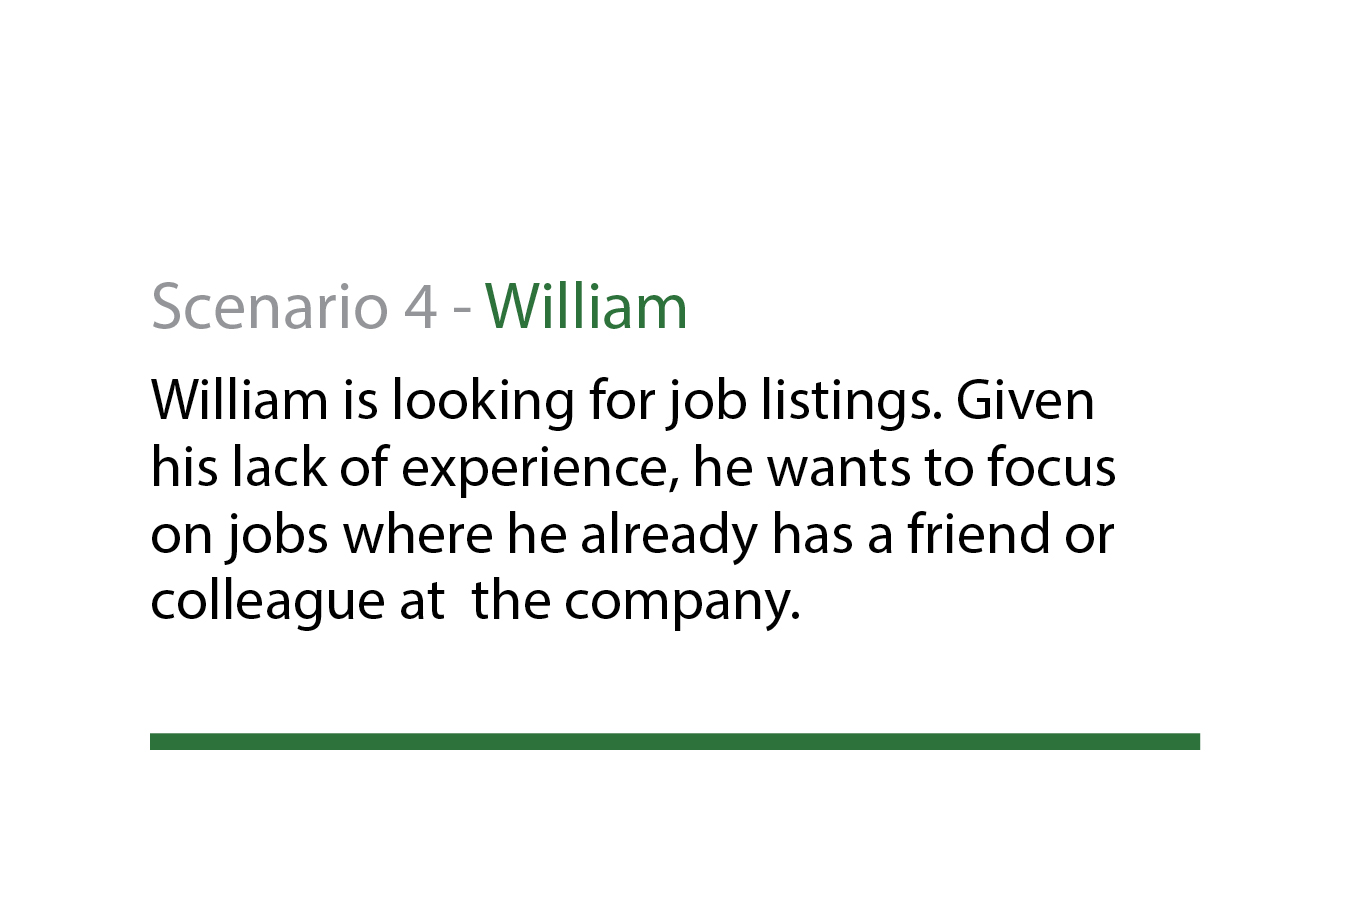 scenarios_william4.jpg